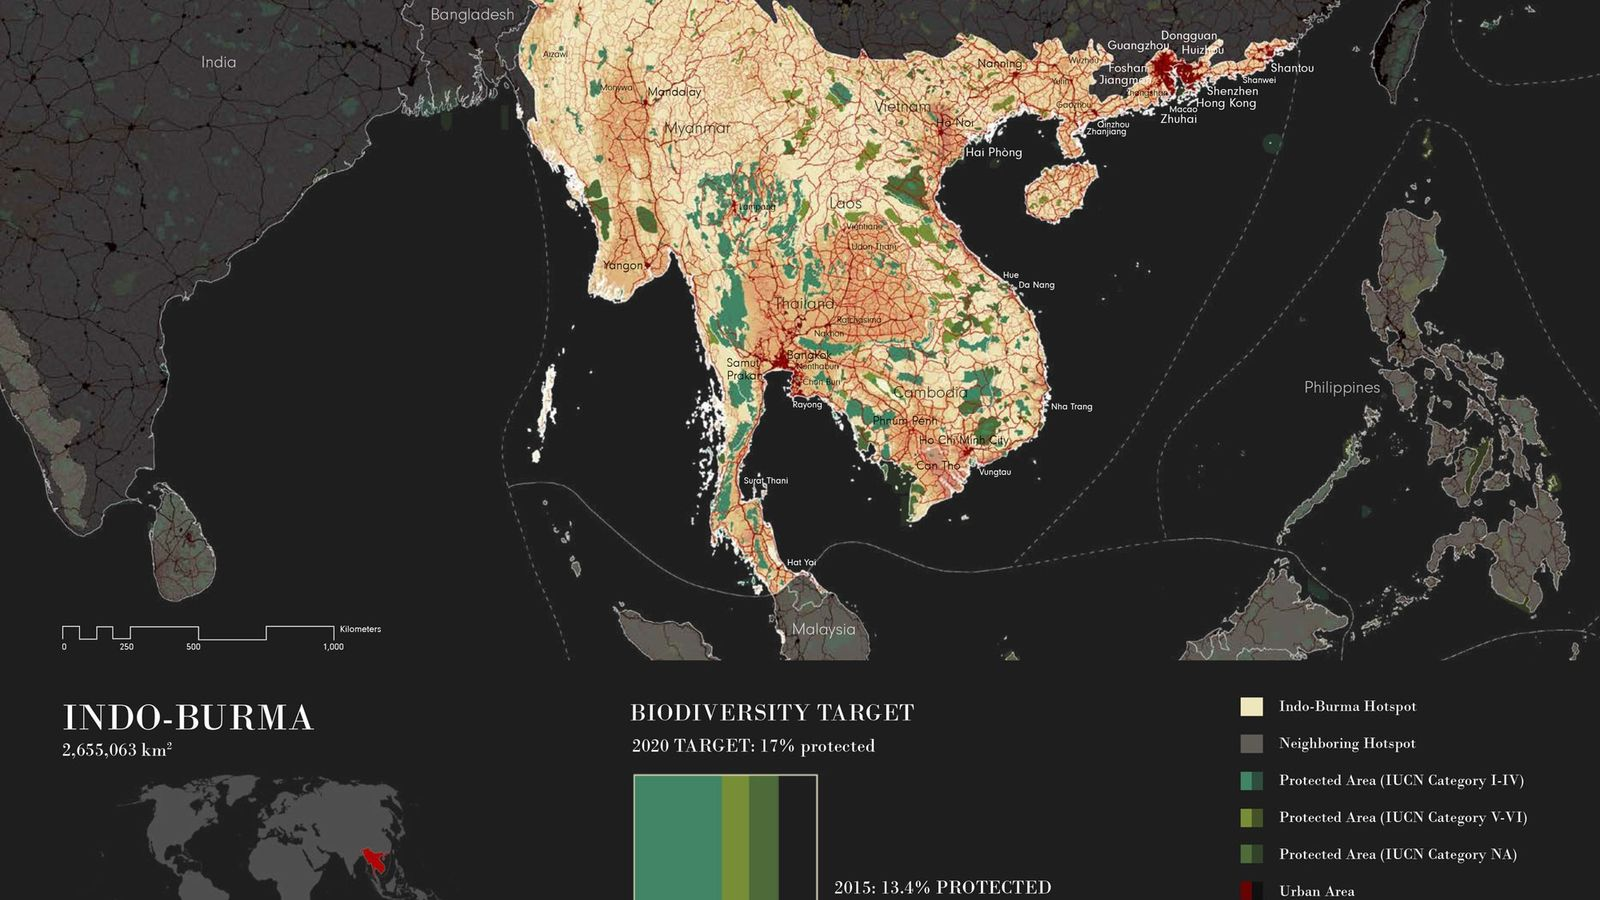 Karte des Indo-Burma-Hotspots